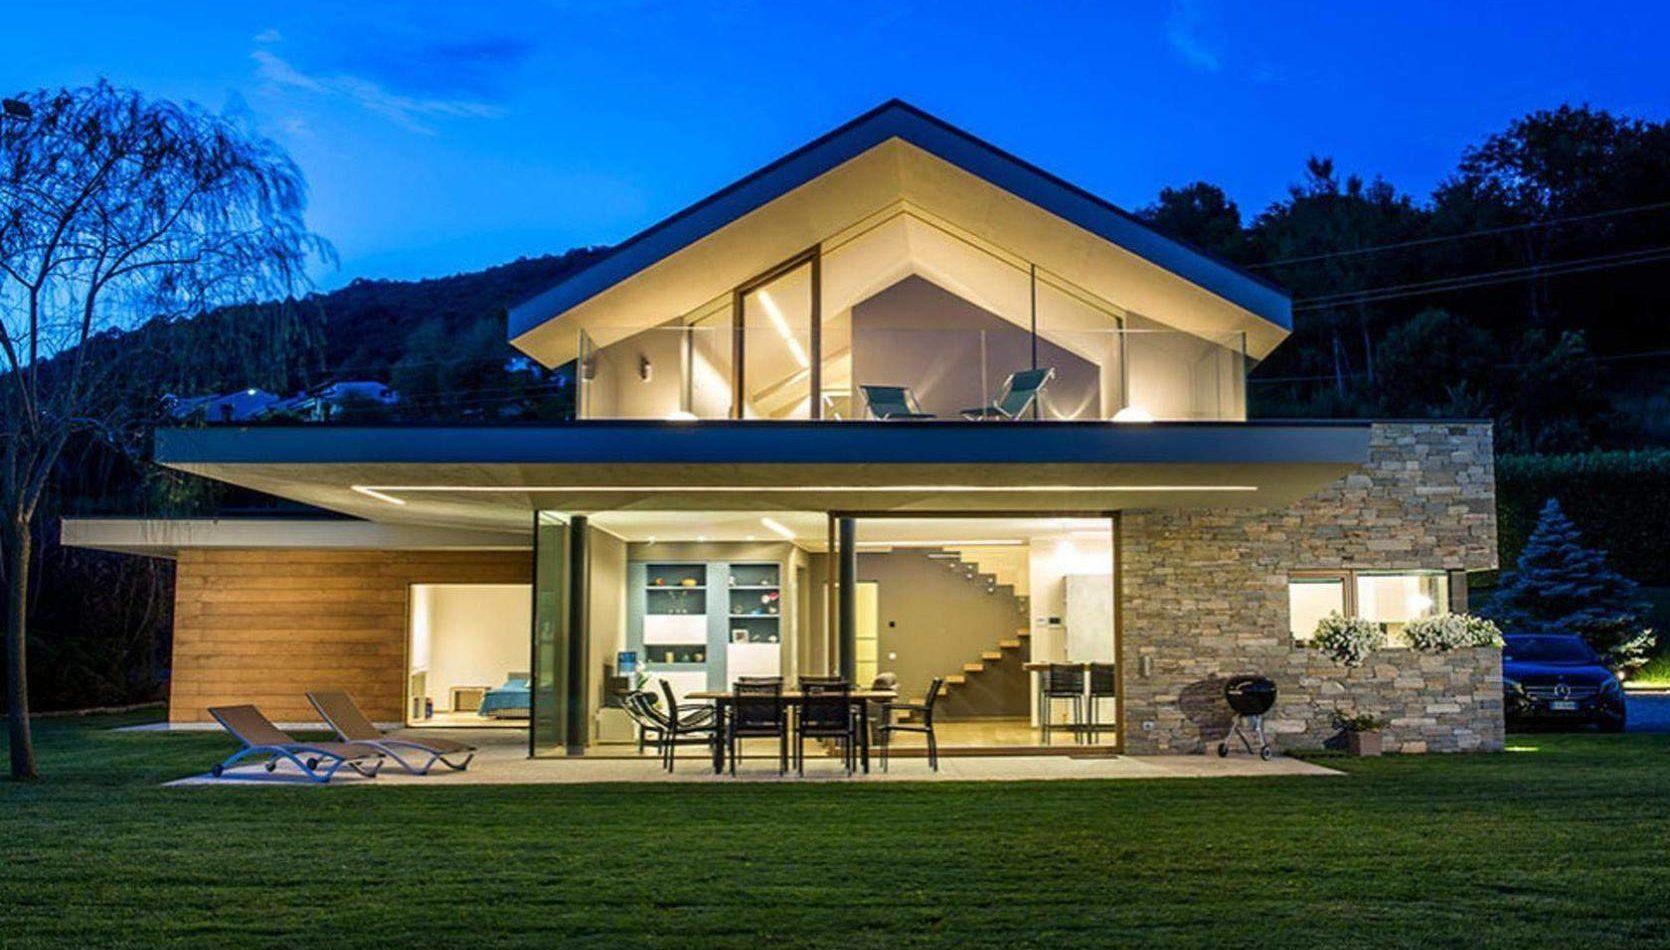 Designhaus, Exklusivhaus, Individuelles Fachwerk-Fertighaus, Modernes Holzhaus,